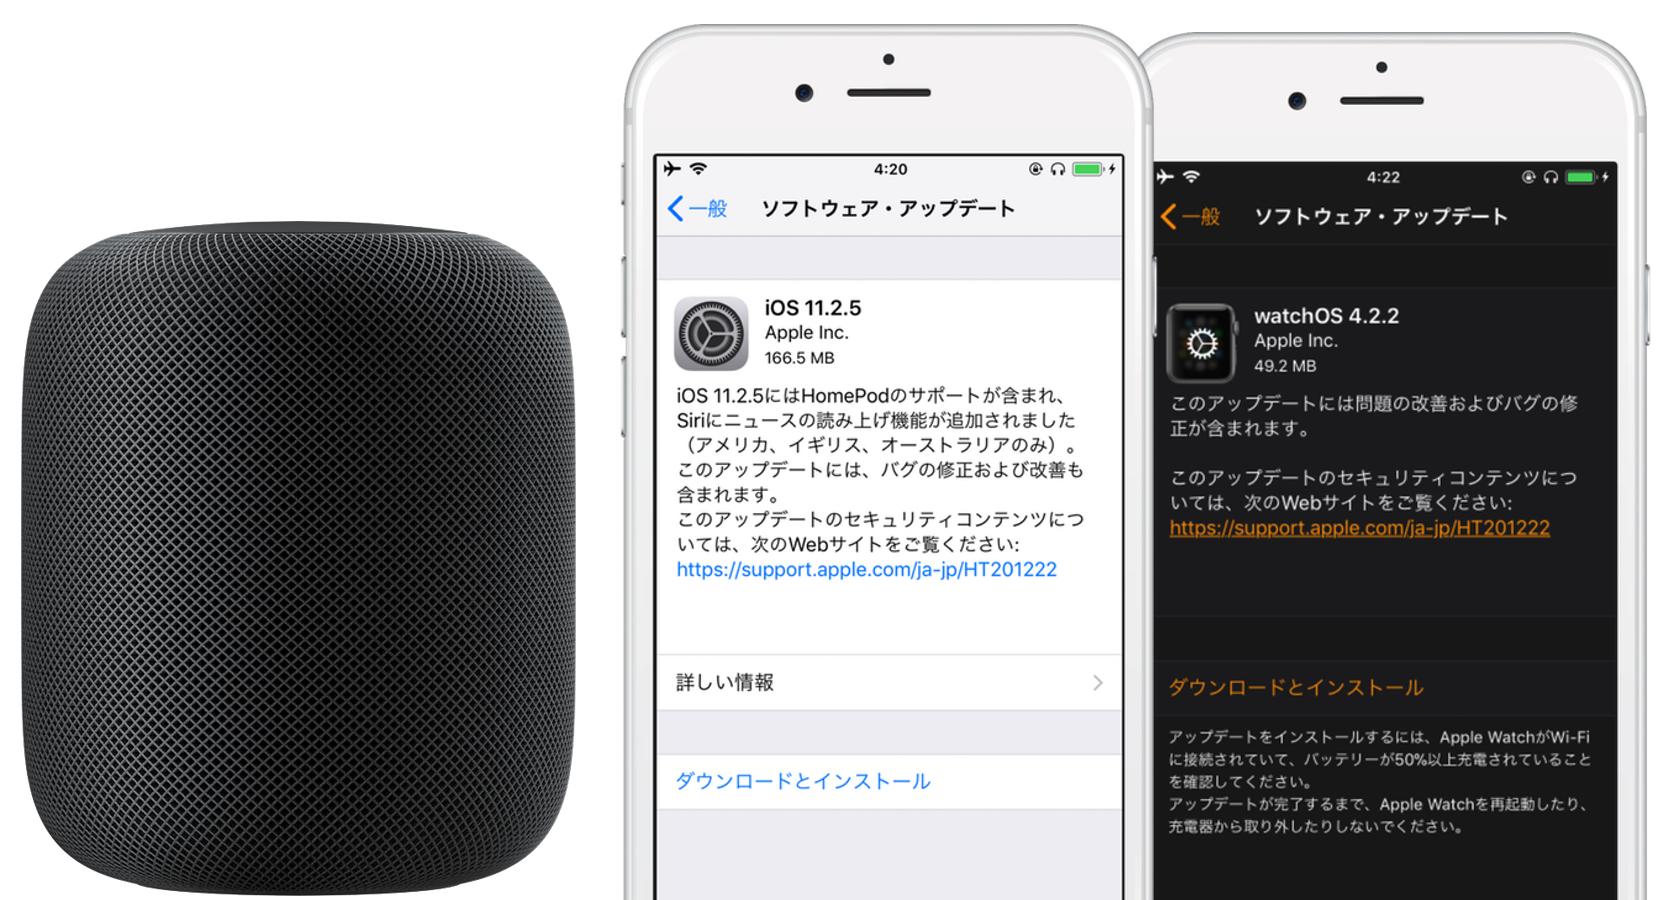 iOS 11.2.5 (15D60)と watchOS 4.2.2 (15S542)のリリースノート